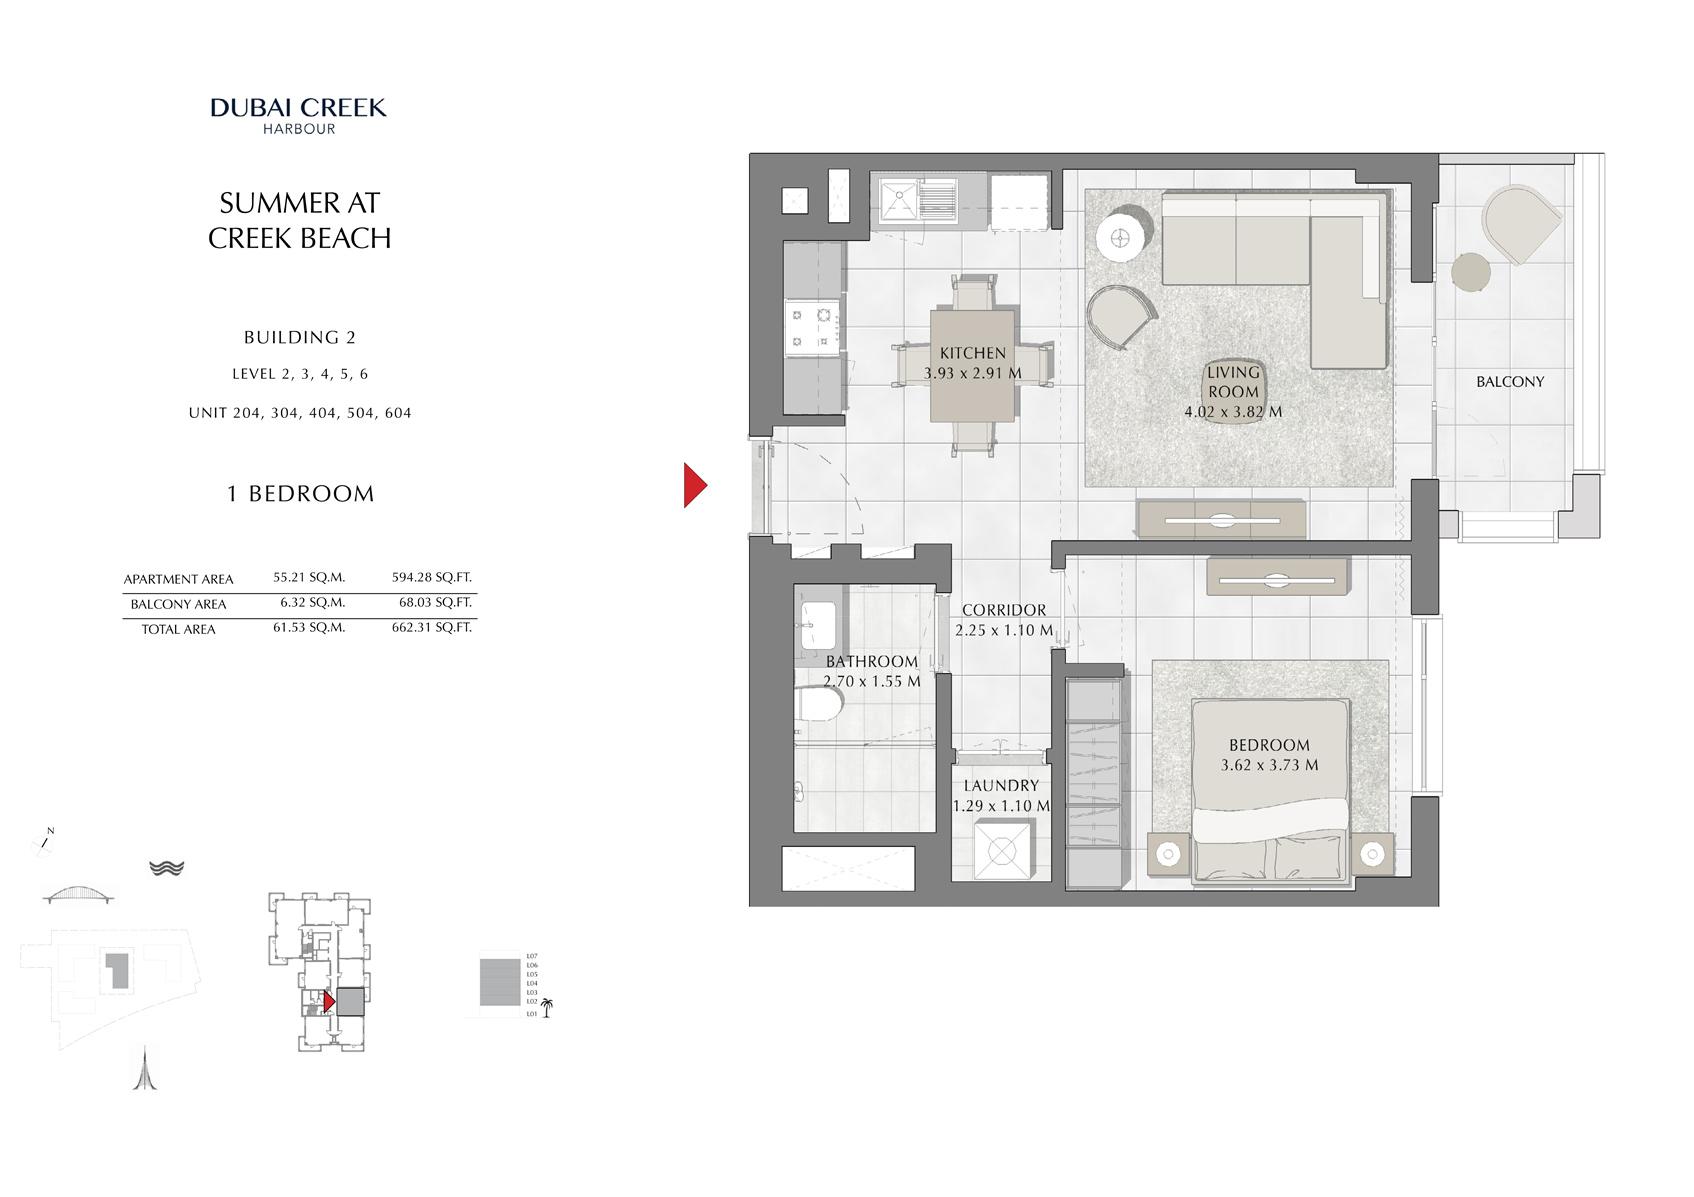 1 Br Building 2 Level-2-3-4-5-6 Unit-204-304-404-504-604, Size 662 Sq Ft